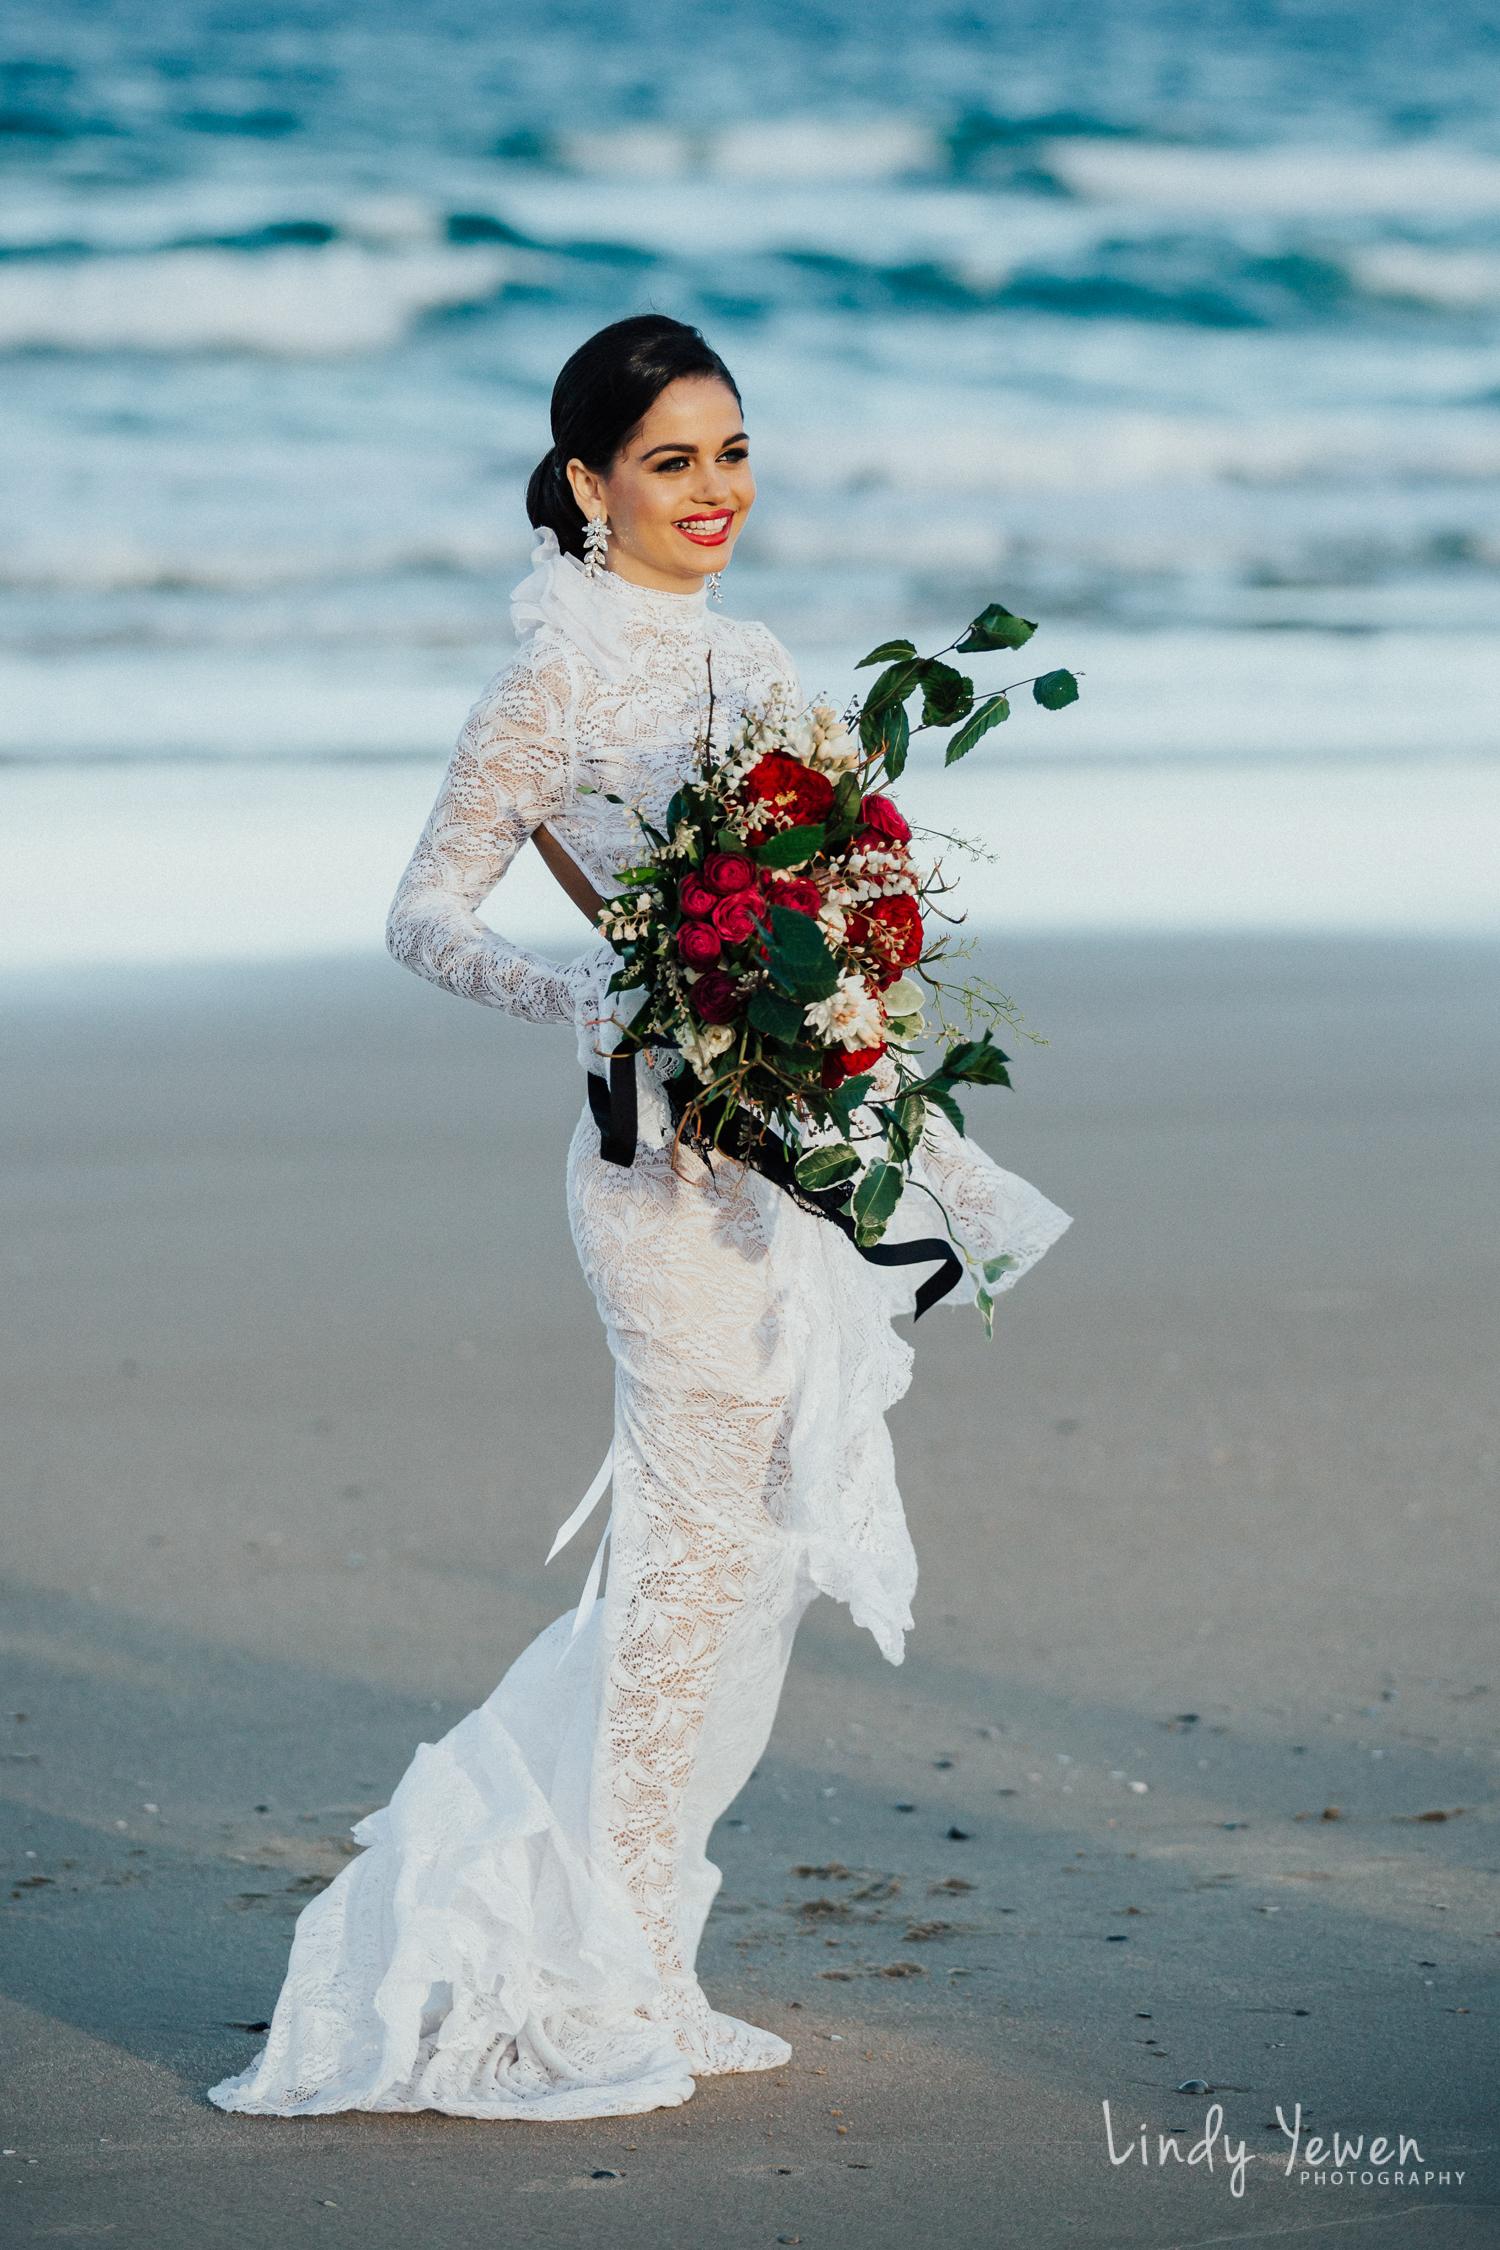 Lindy-Yewen-Photography-Spanish-Wedding 212.jpg